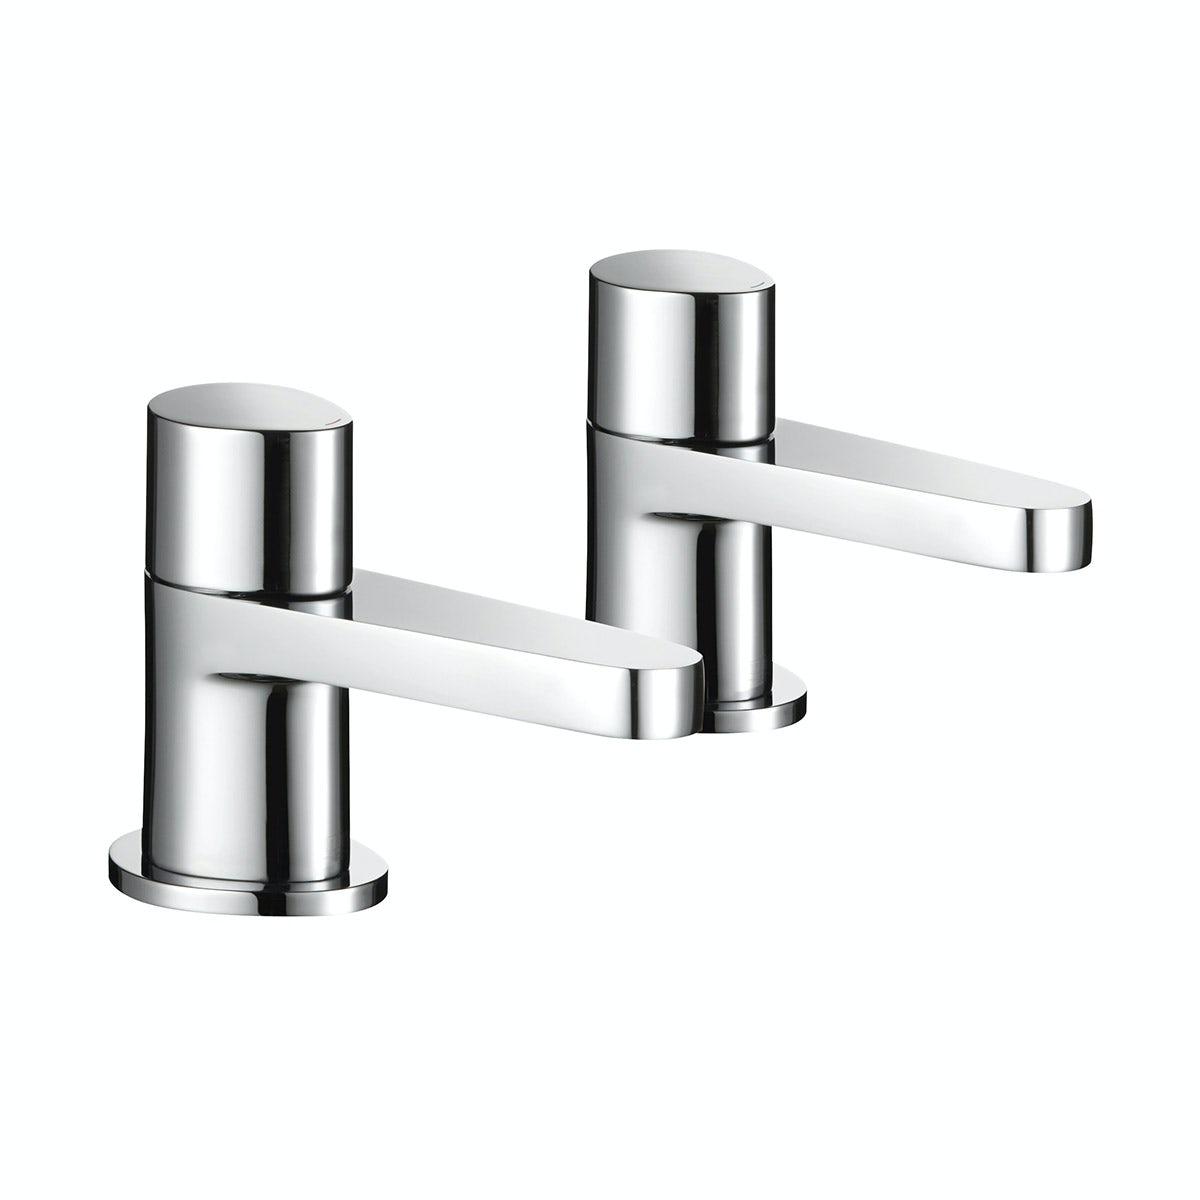 Mira Precision bath taps